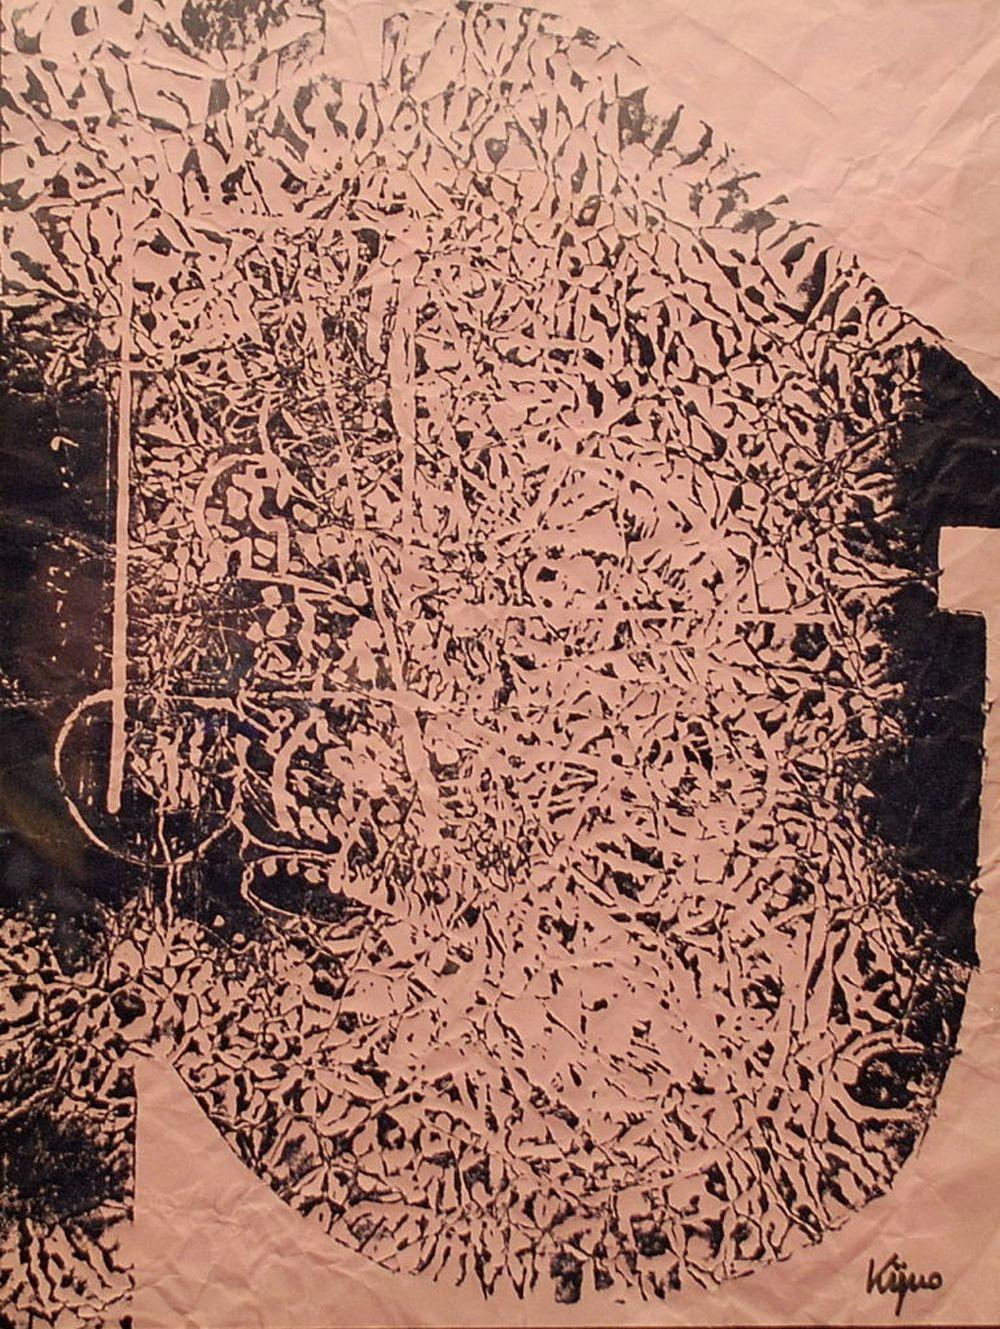 Ladislas Kijno - Composition